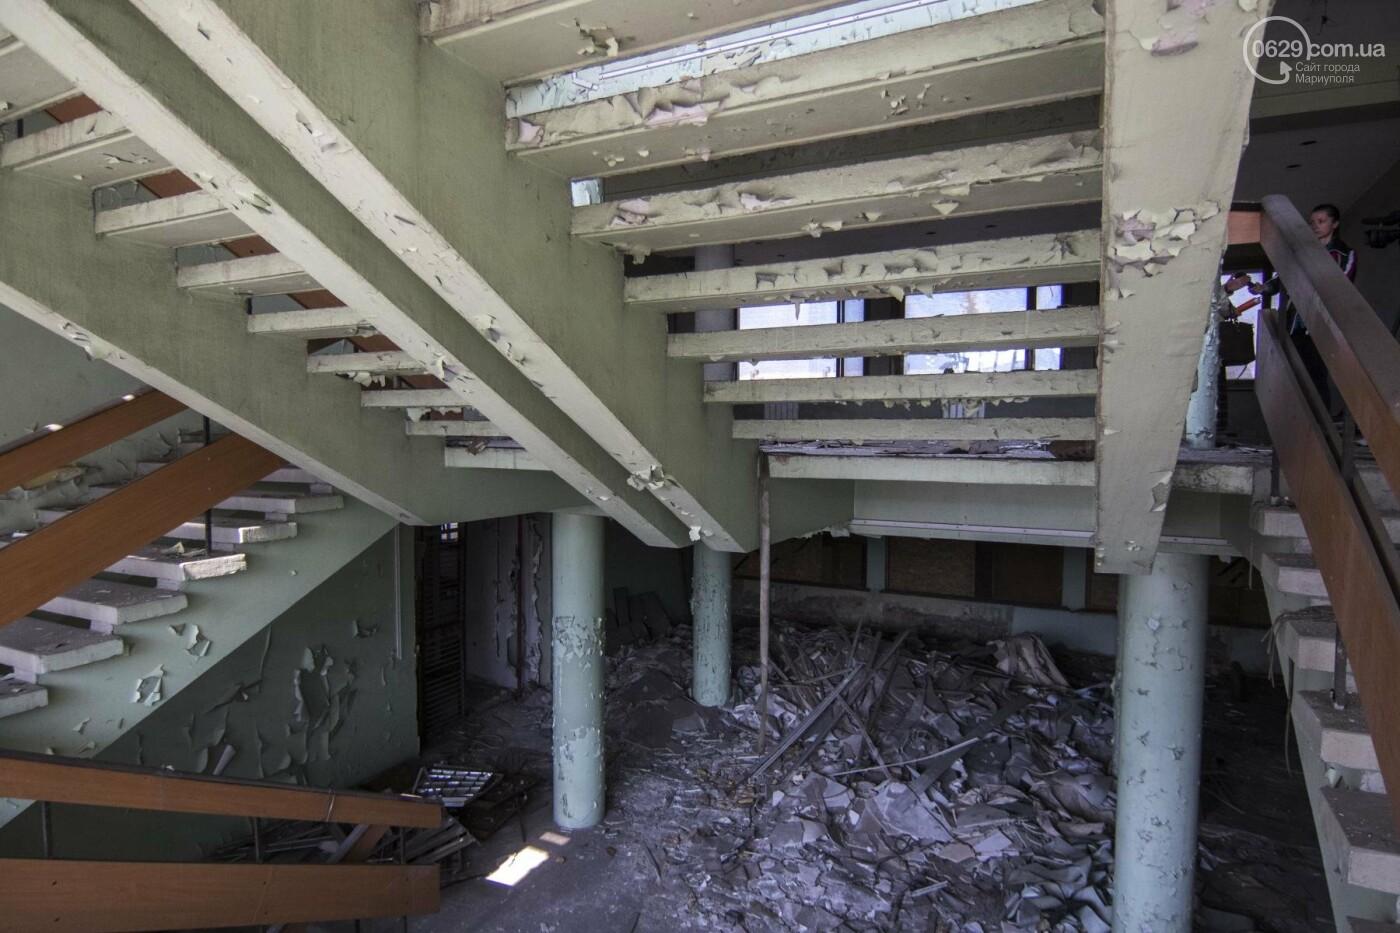 Что осталось от здания мариупольской мэрии, и когда его восстановят (ФОТОРЕПОРТАЖ с руин +ВИДЕО), фото-3